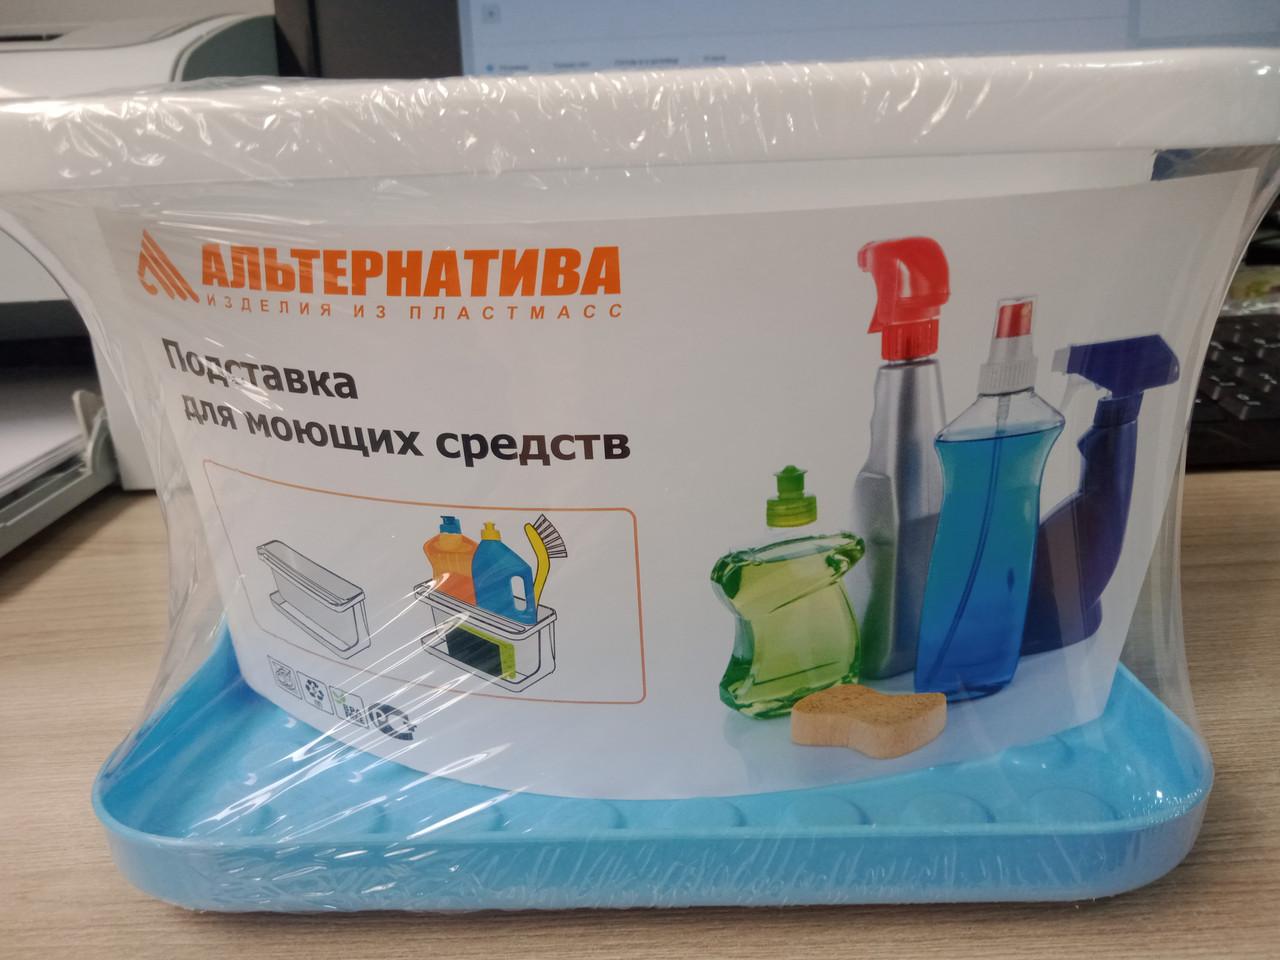 Подставка для губок и моющих средств Альтернатива - фото 2